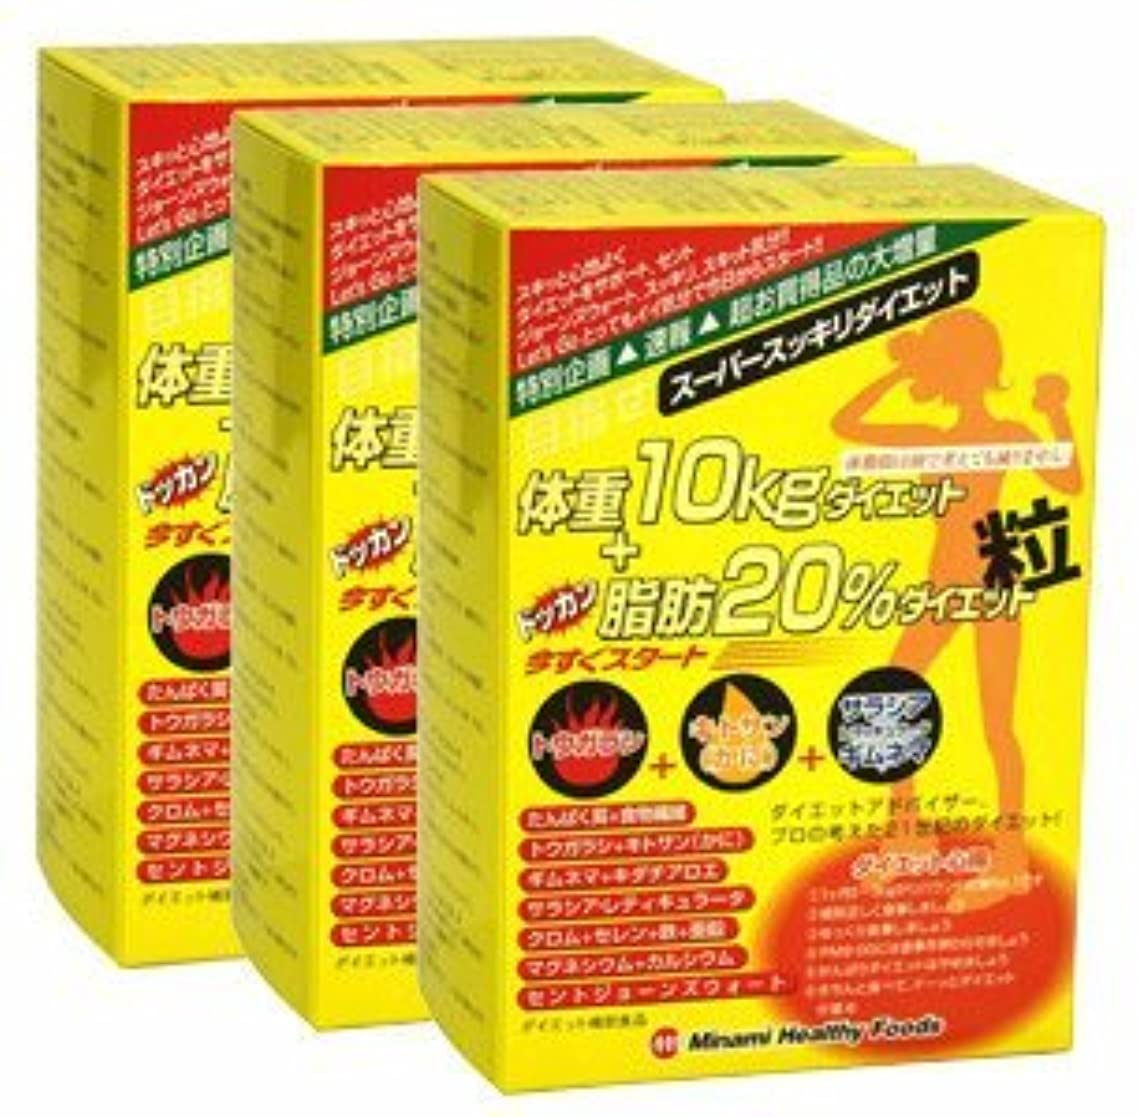 演劇カウンタ女性目指せ体重10kg+ドッカン脂肪20%ダイエット粒【3箱セット】ミナミヘルシーフーズ